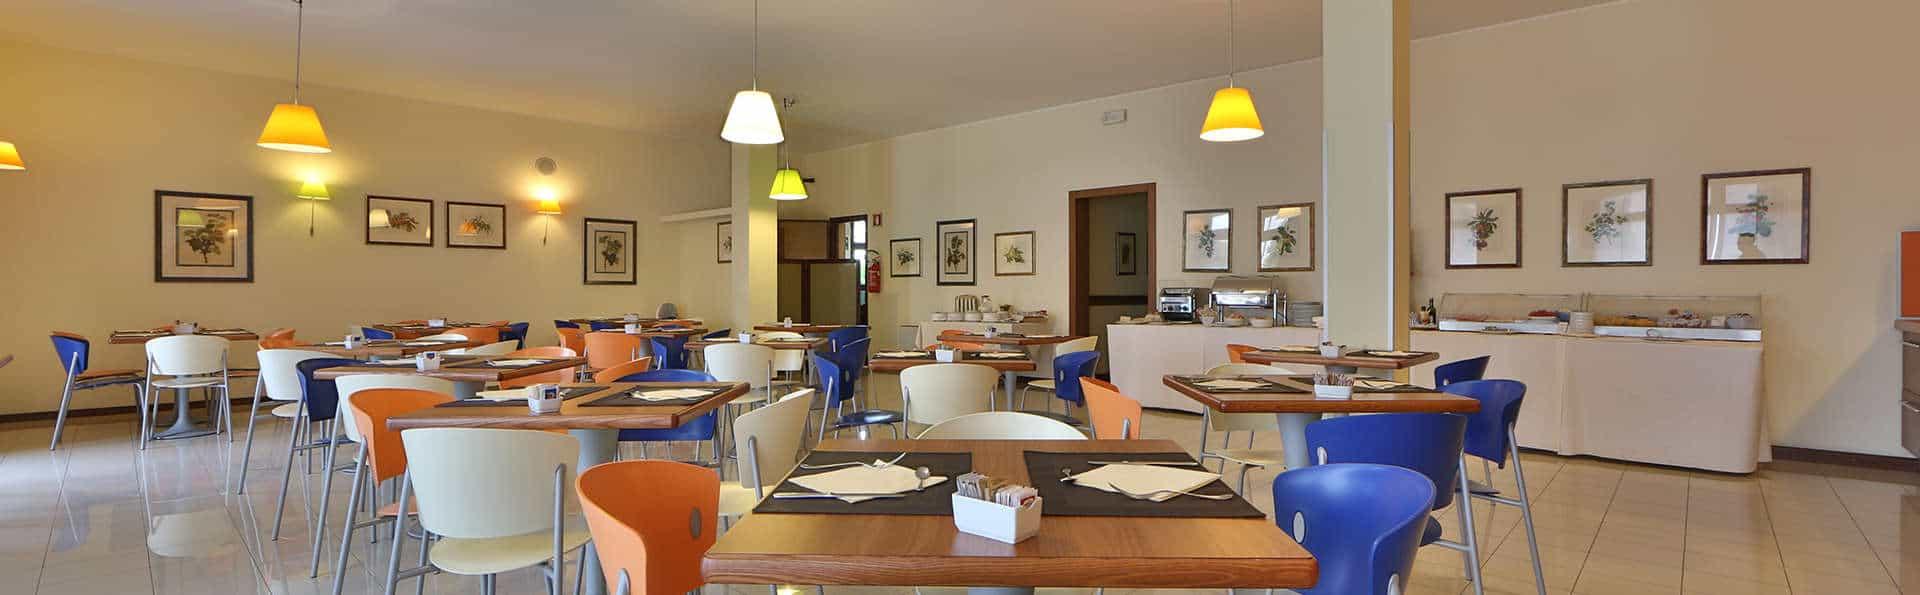 Best Western Titian Inn 3*S